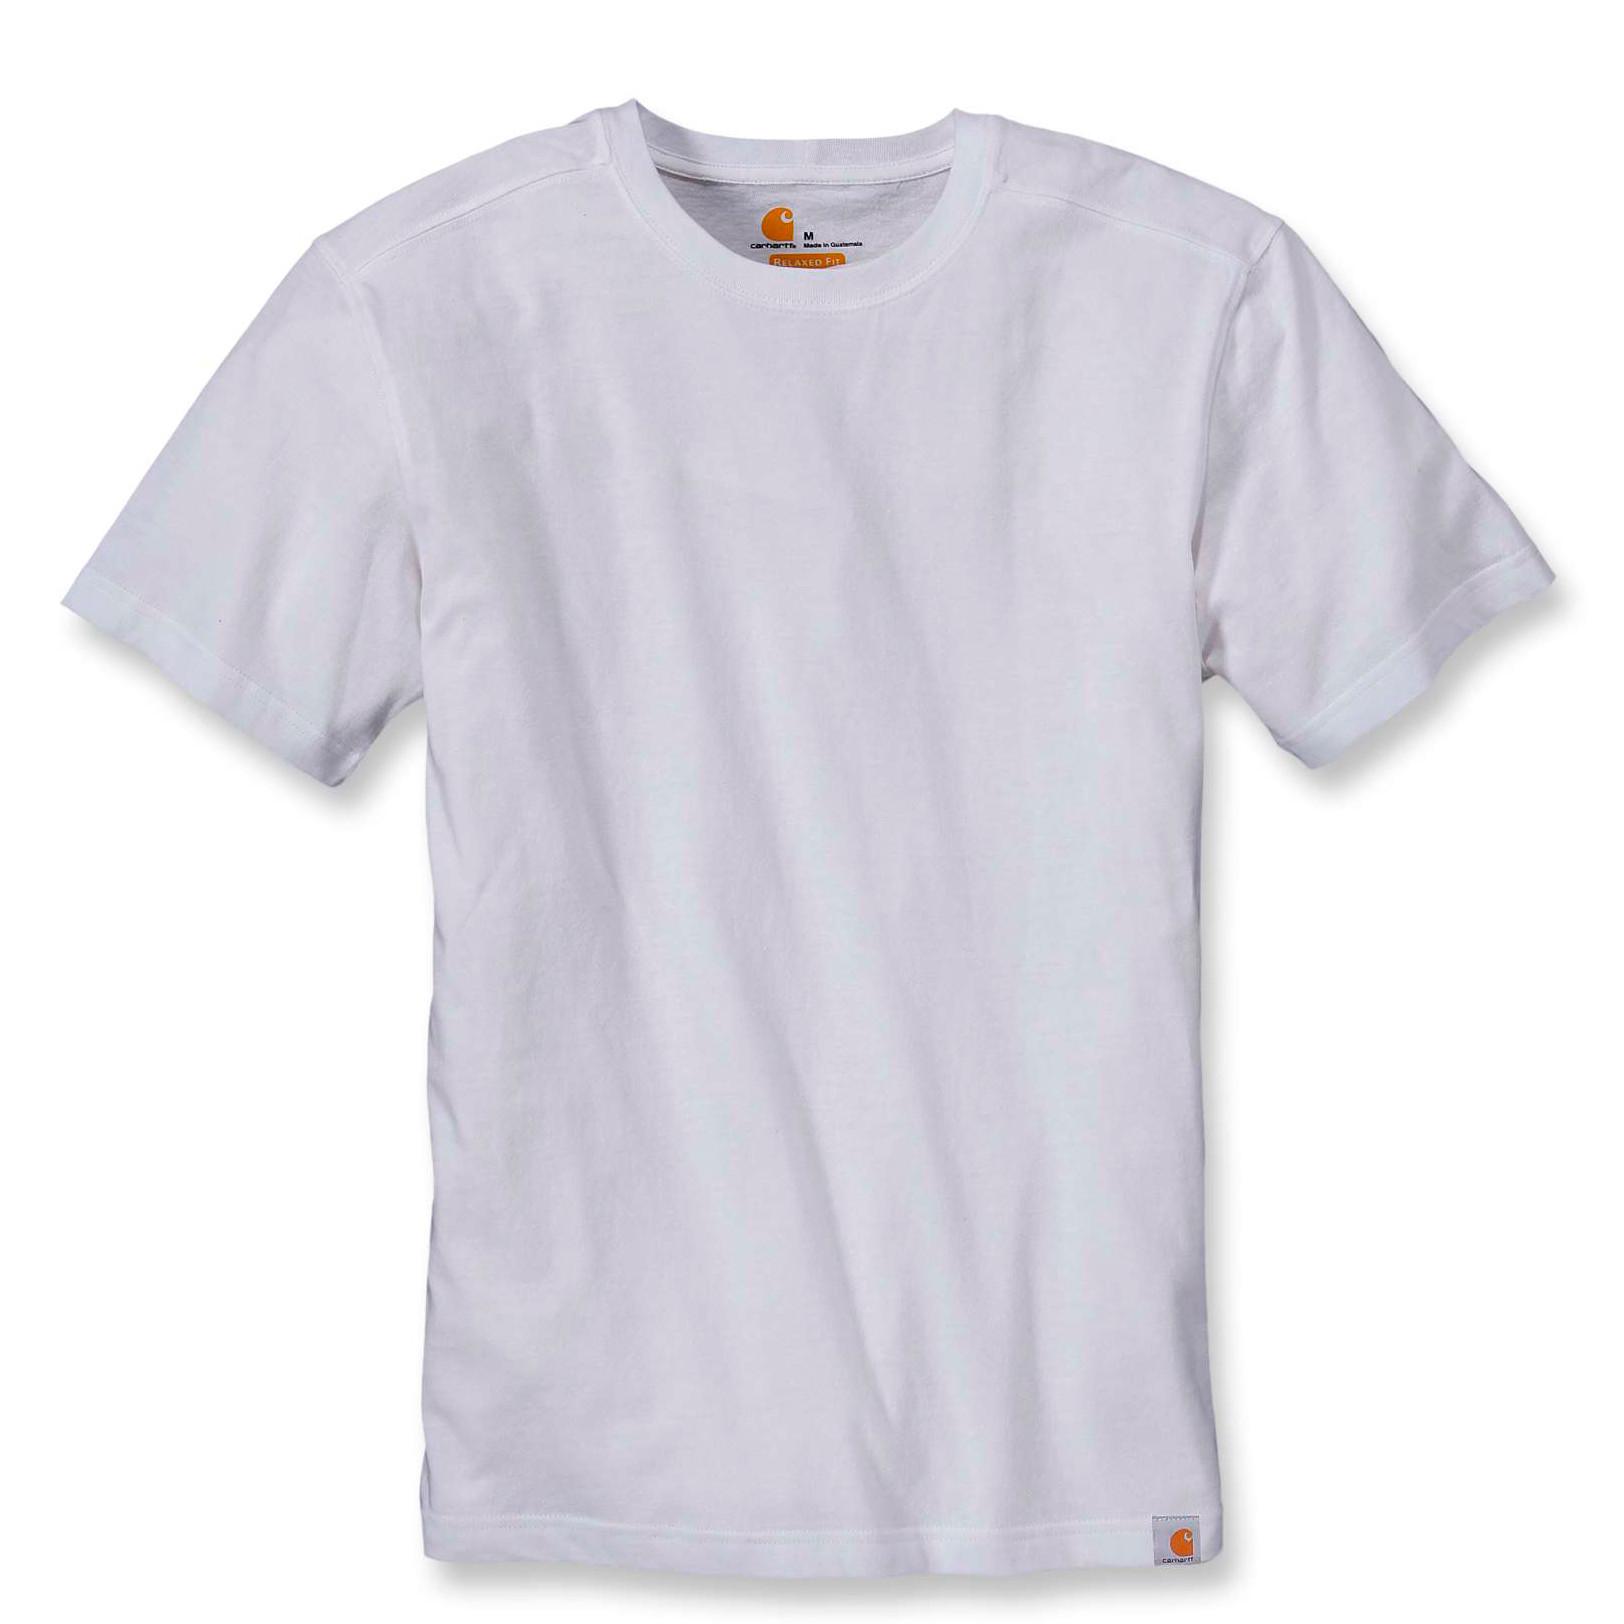 Футболка Carhartt Maddock T-Shirt S/S - 101124 (White, S)